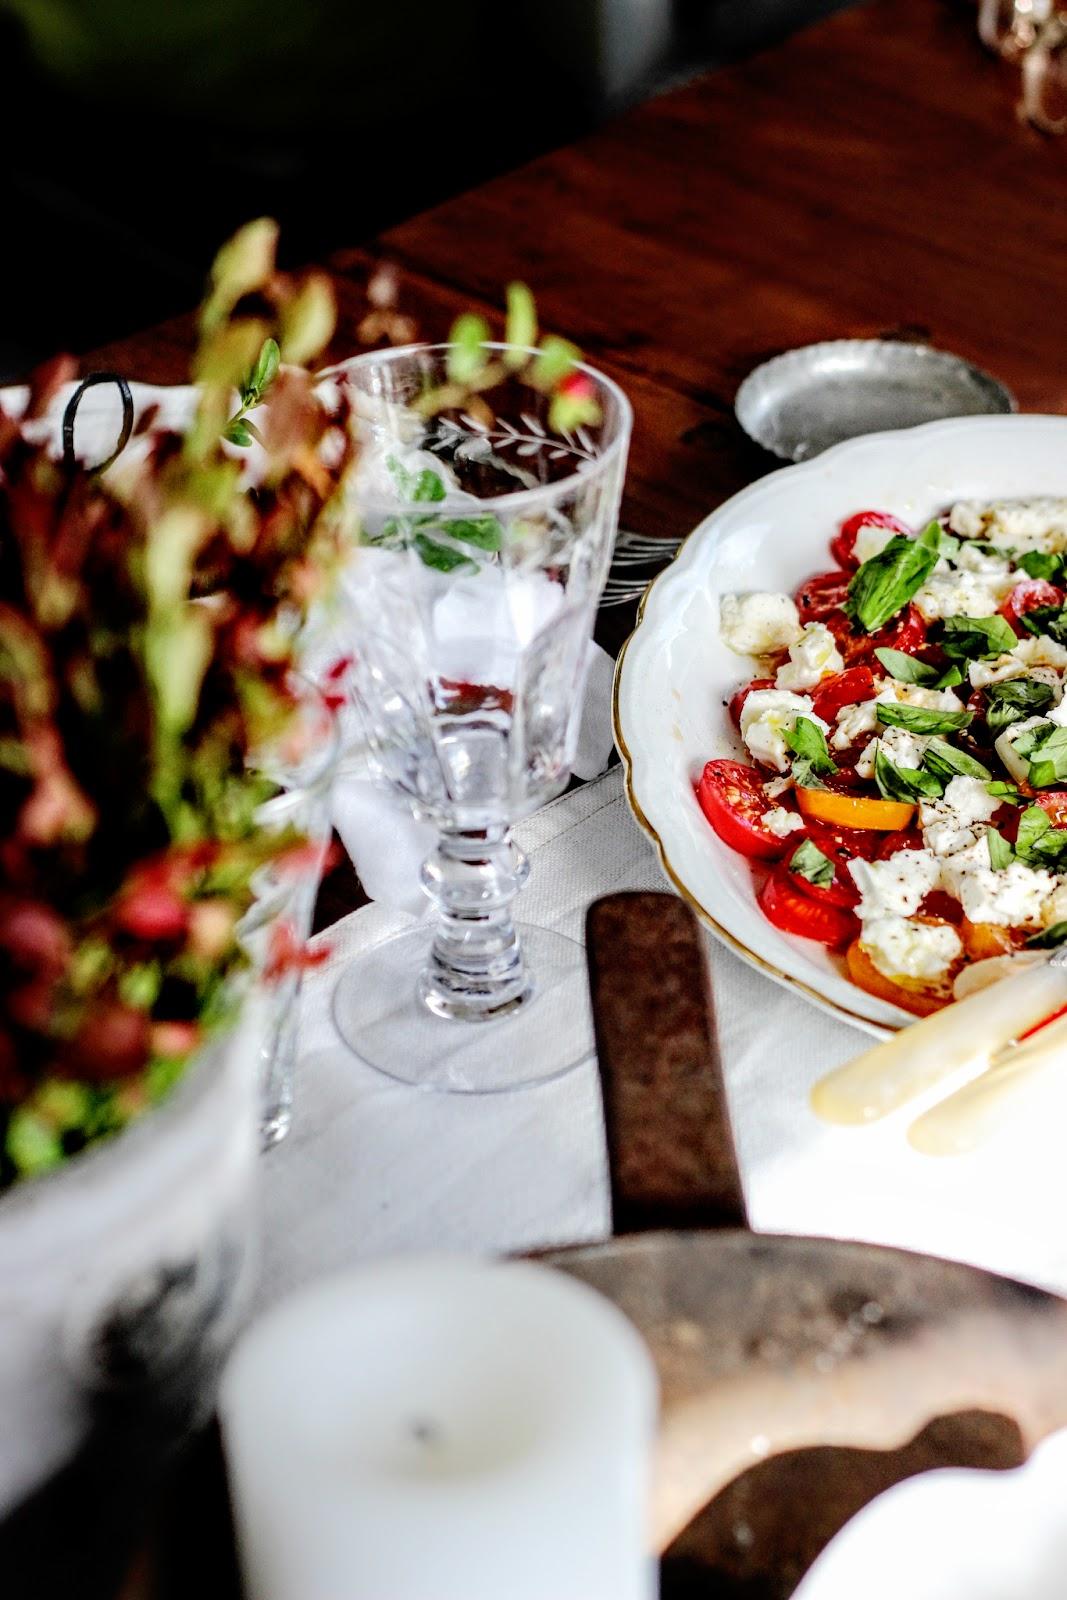 Ranskalaista tunnelmaa syksyn ensimmäisillä illallisilla